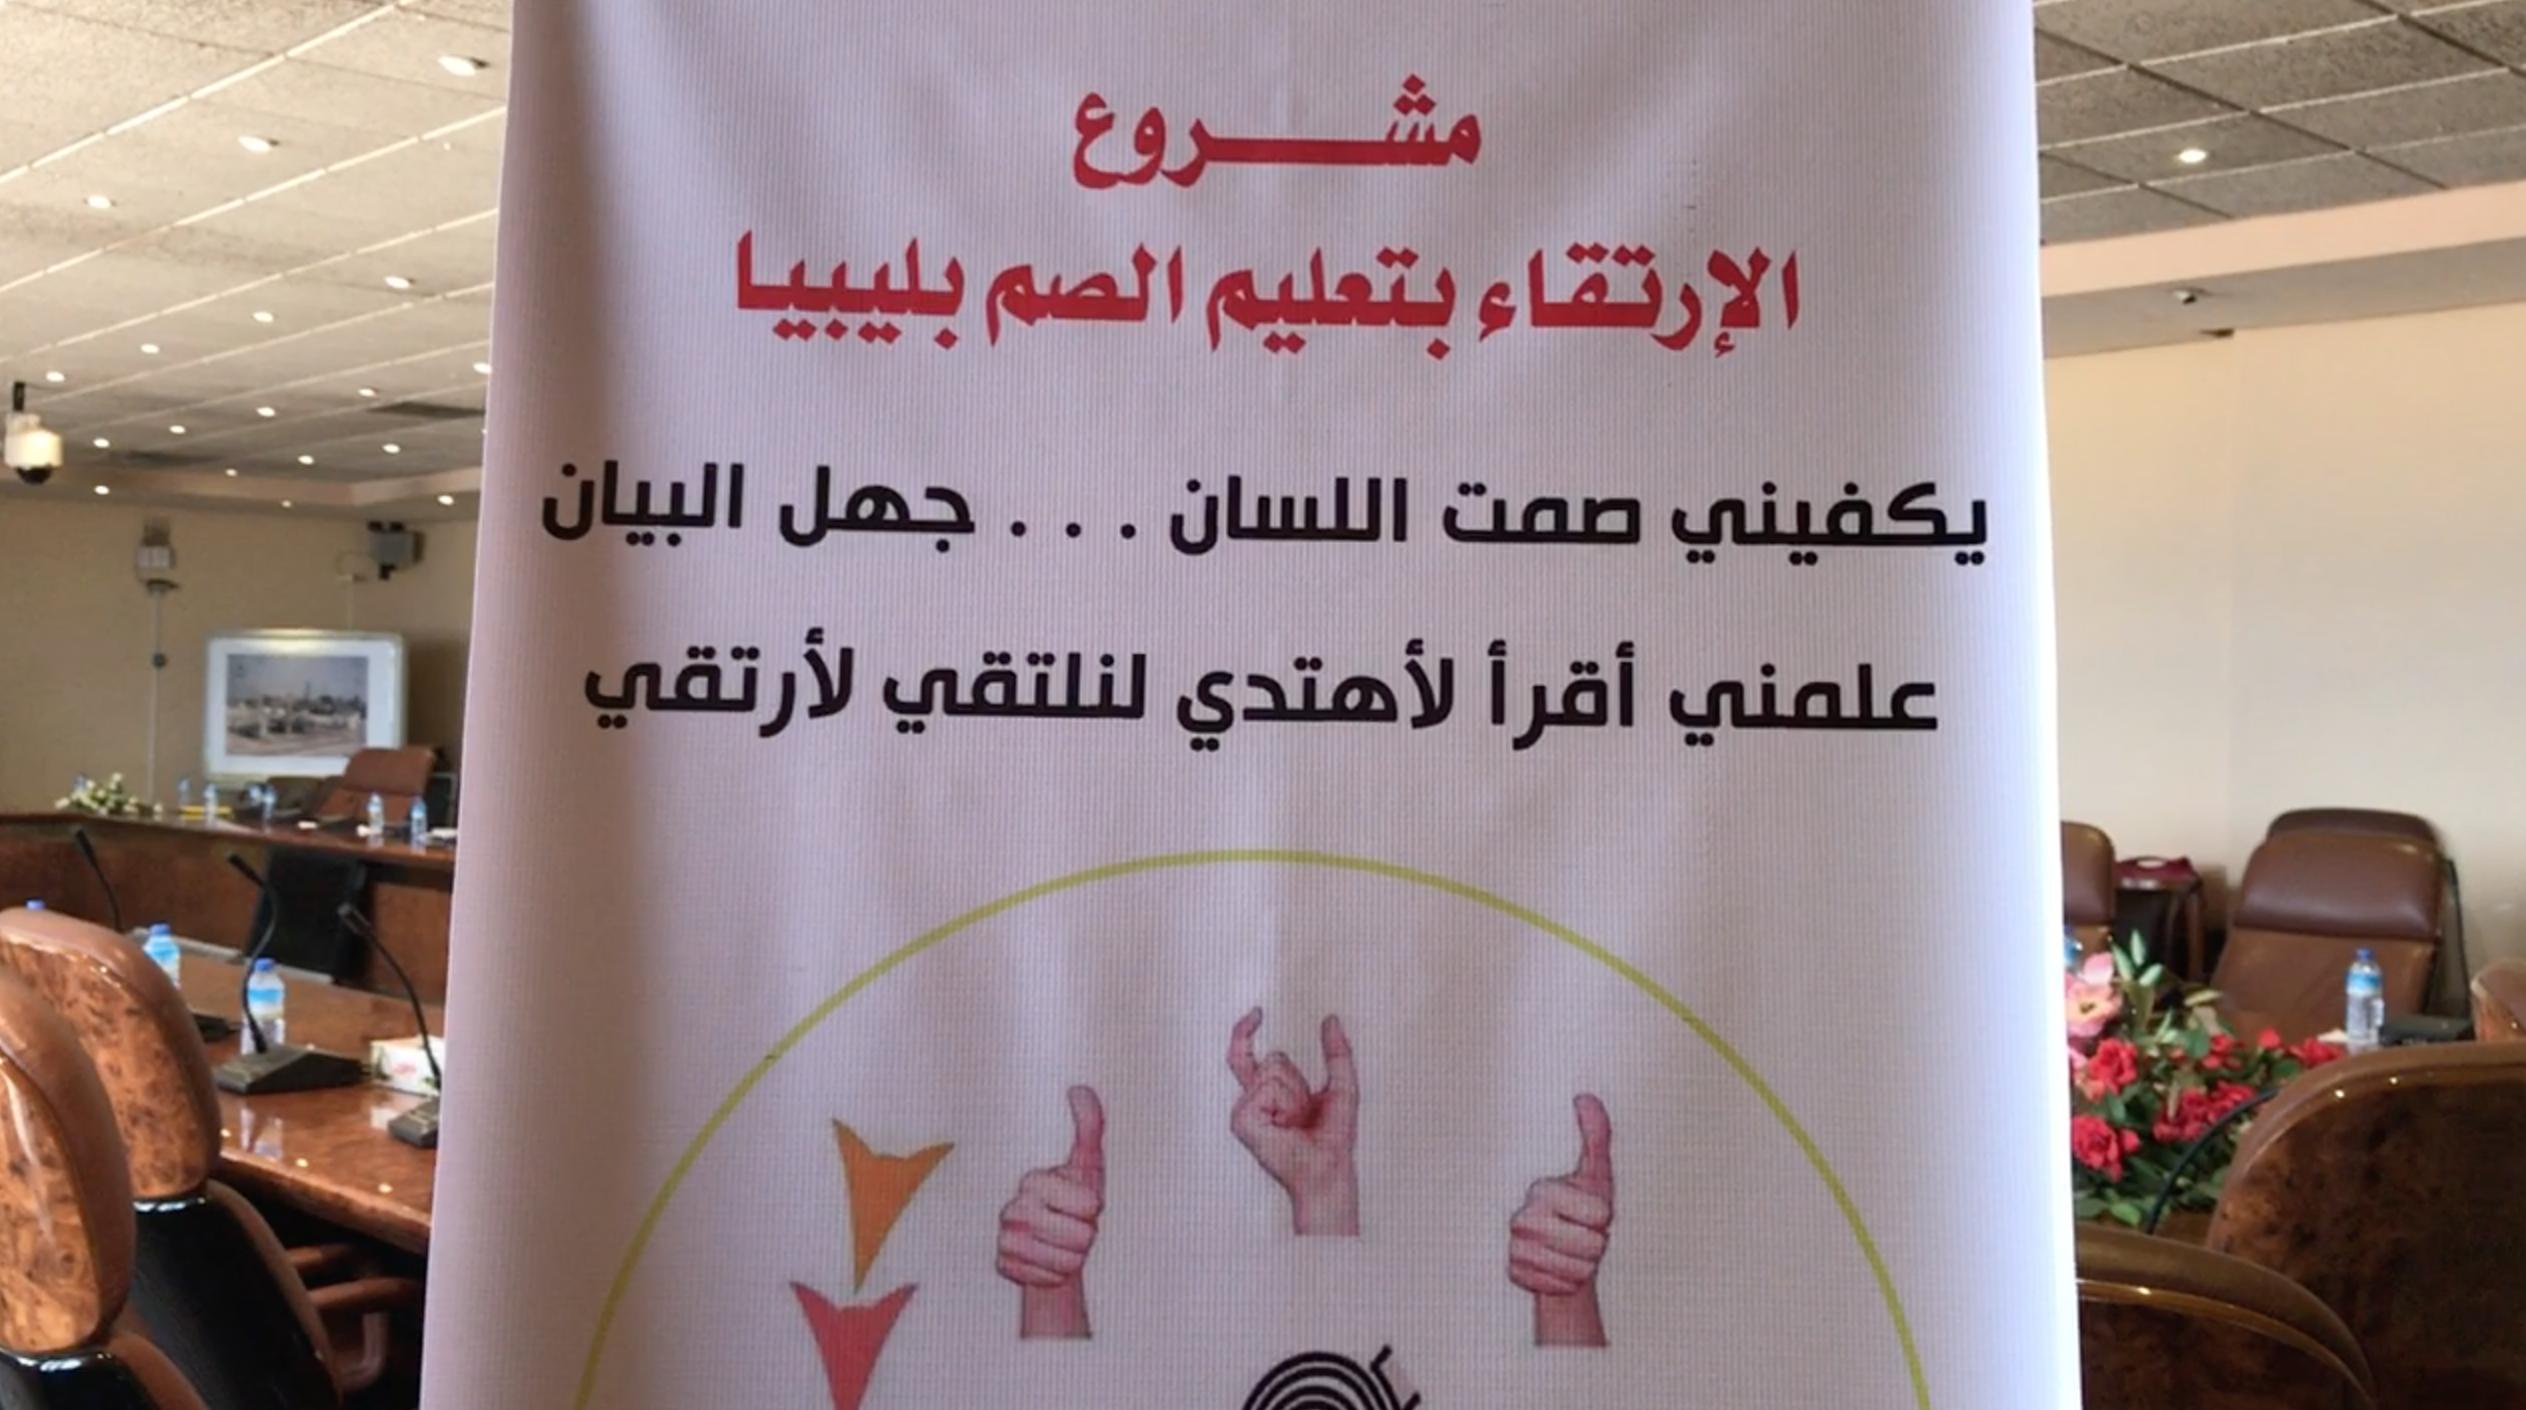 الملتقى الأول للارتقاء بتعليم الصم بليبيا تحت شعار (علمني اقرأ بإشارتي)